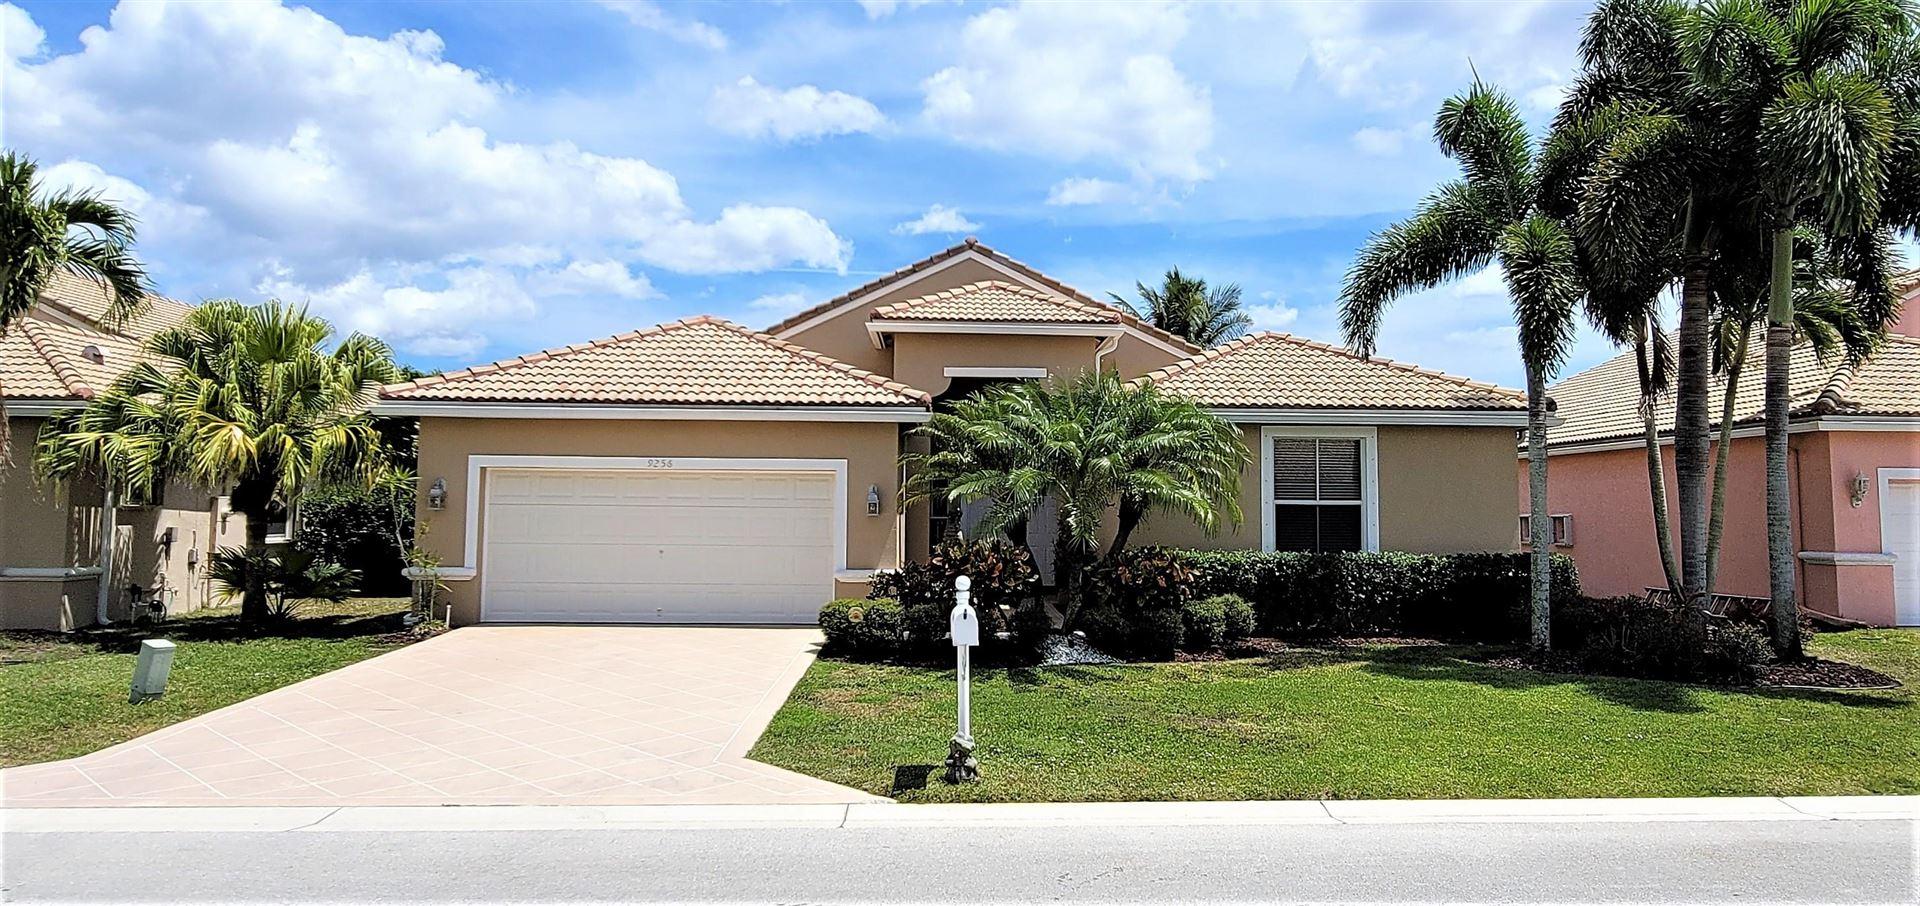 9256 Cove Point Circle, Boynton Beach, FL 33472 - #: RX-10706452